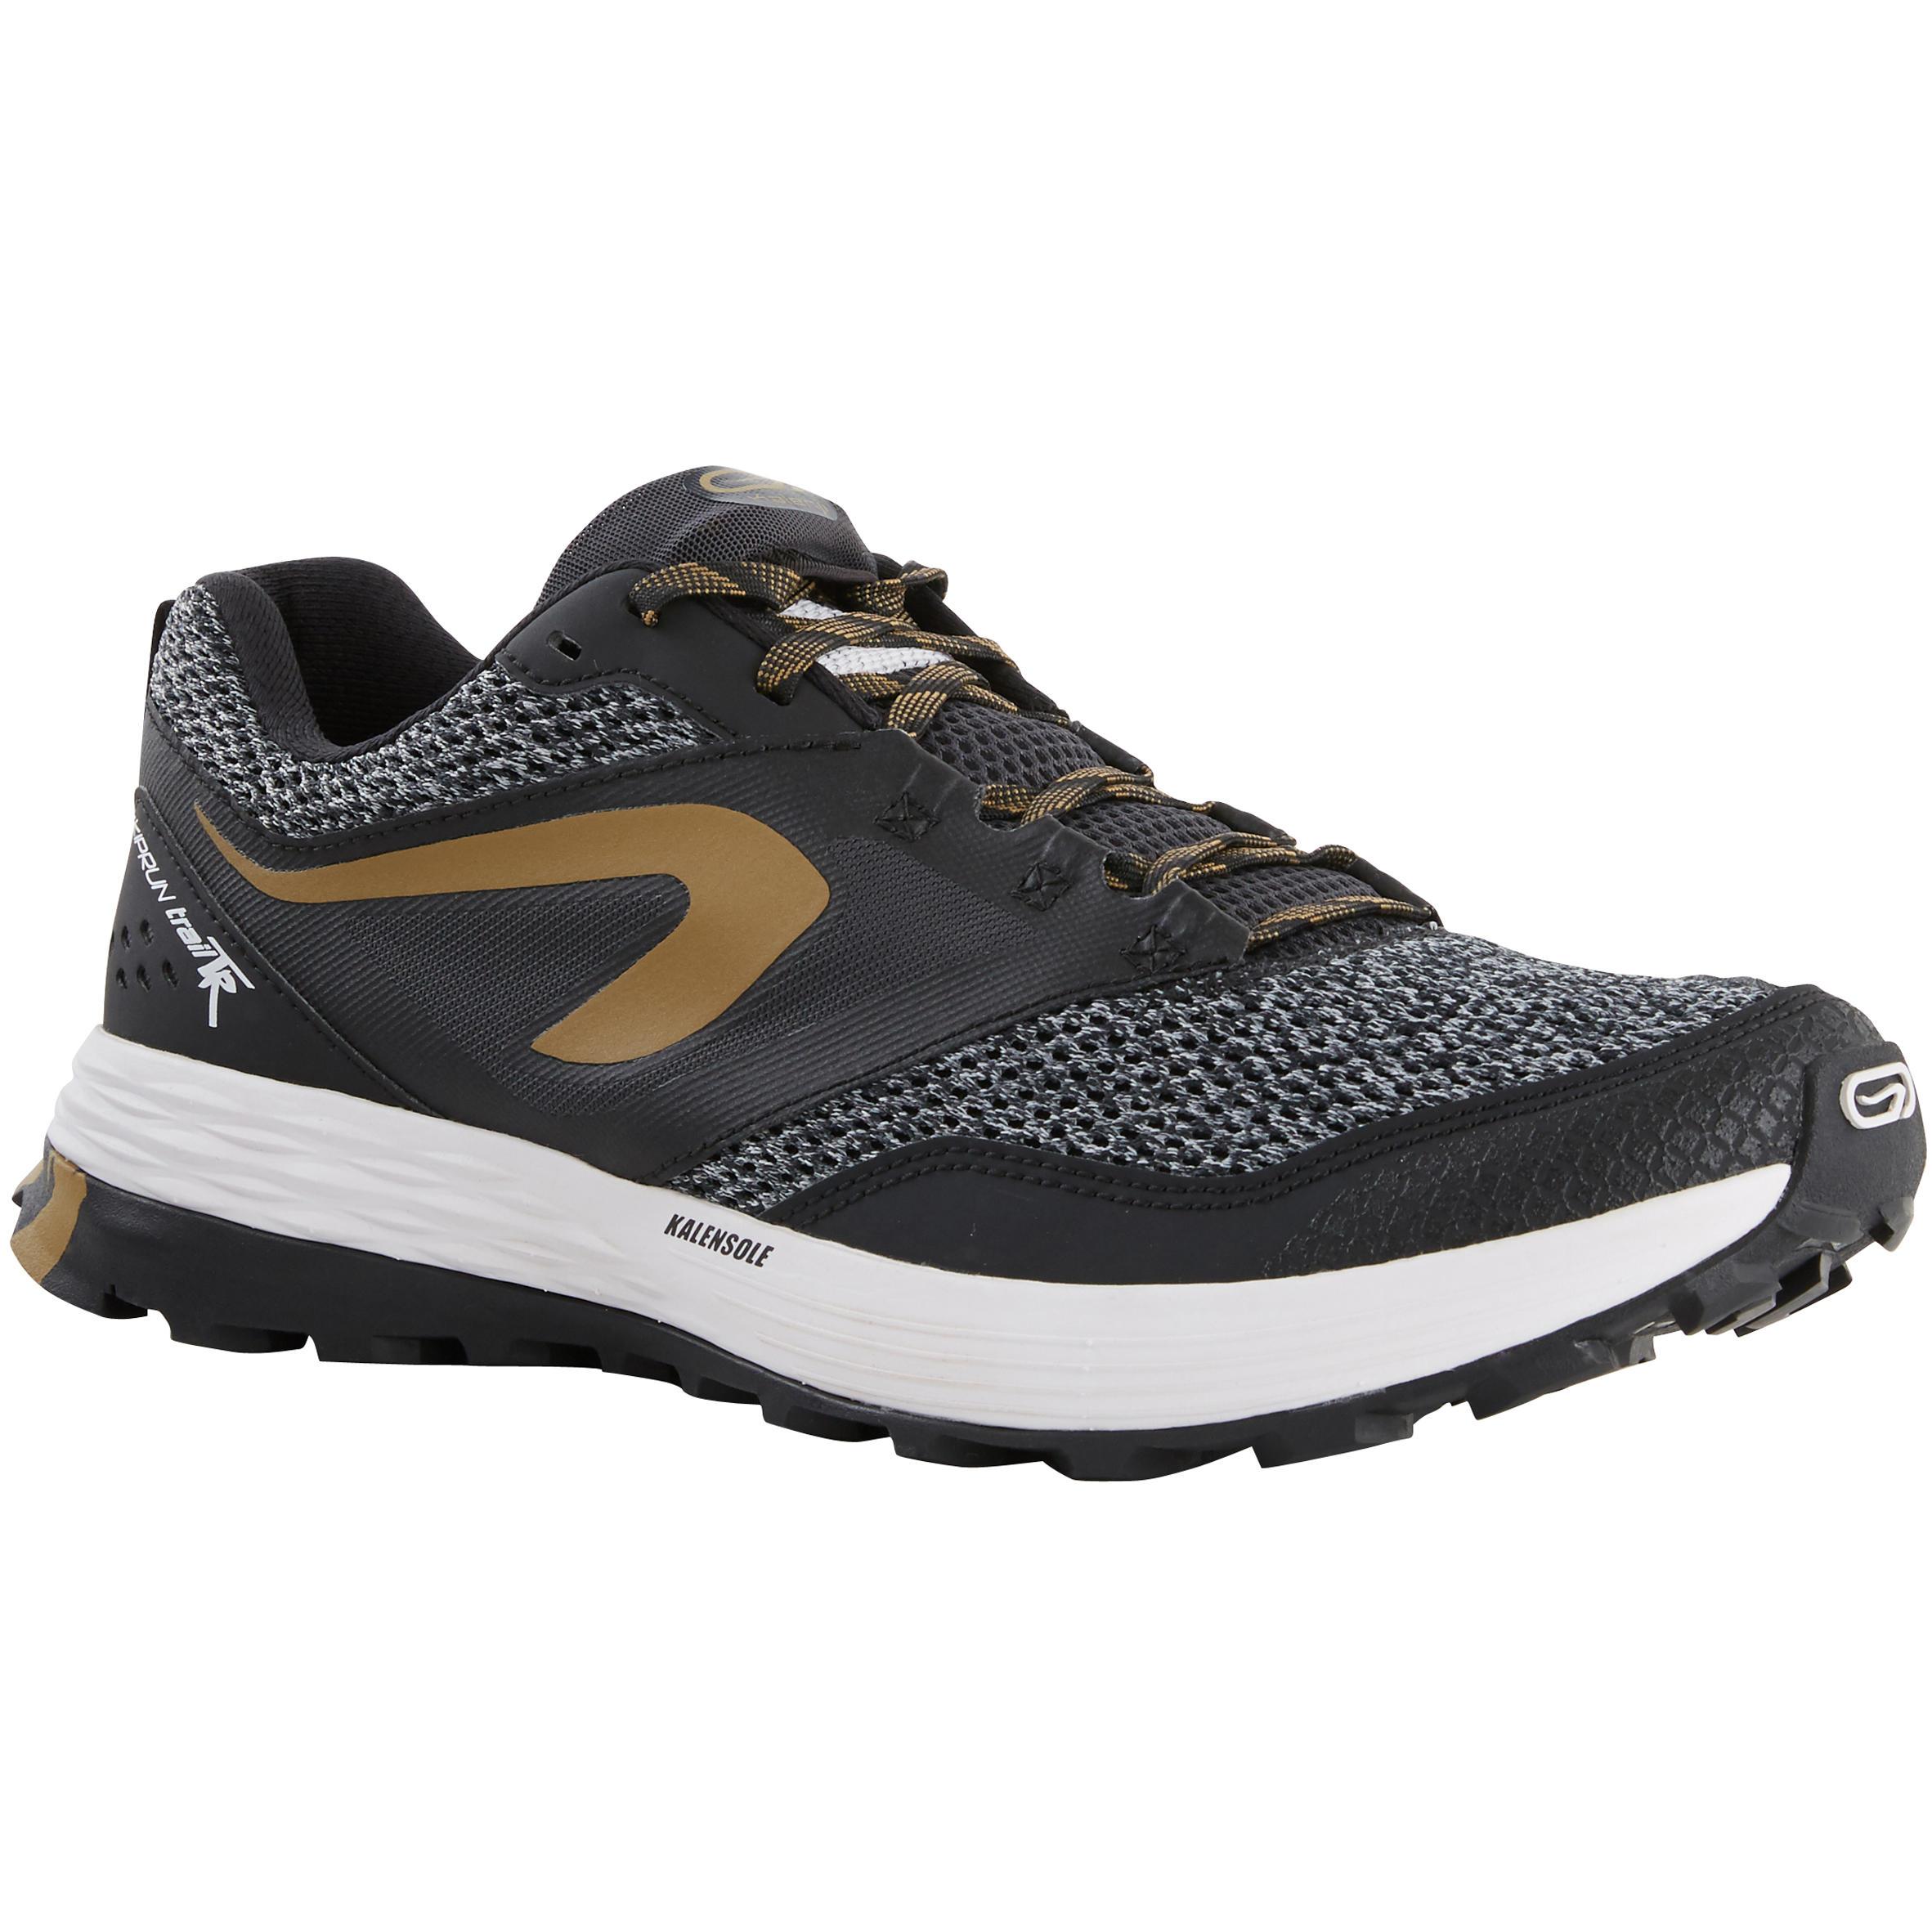 1d53805e680 Hardloopschoenen voor heren kopen ← Decathlon.nl